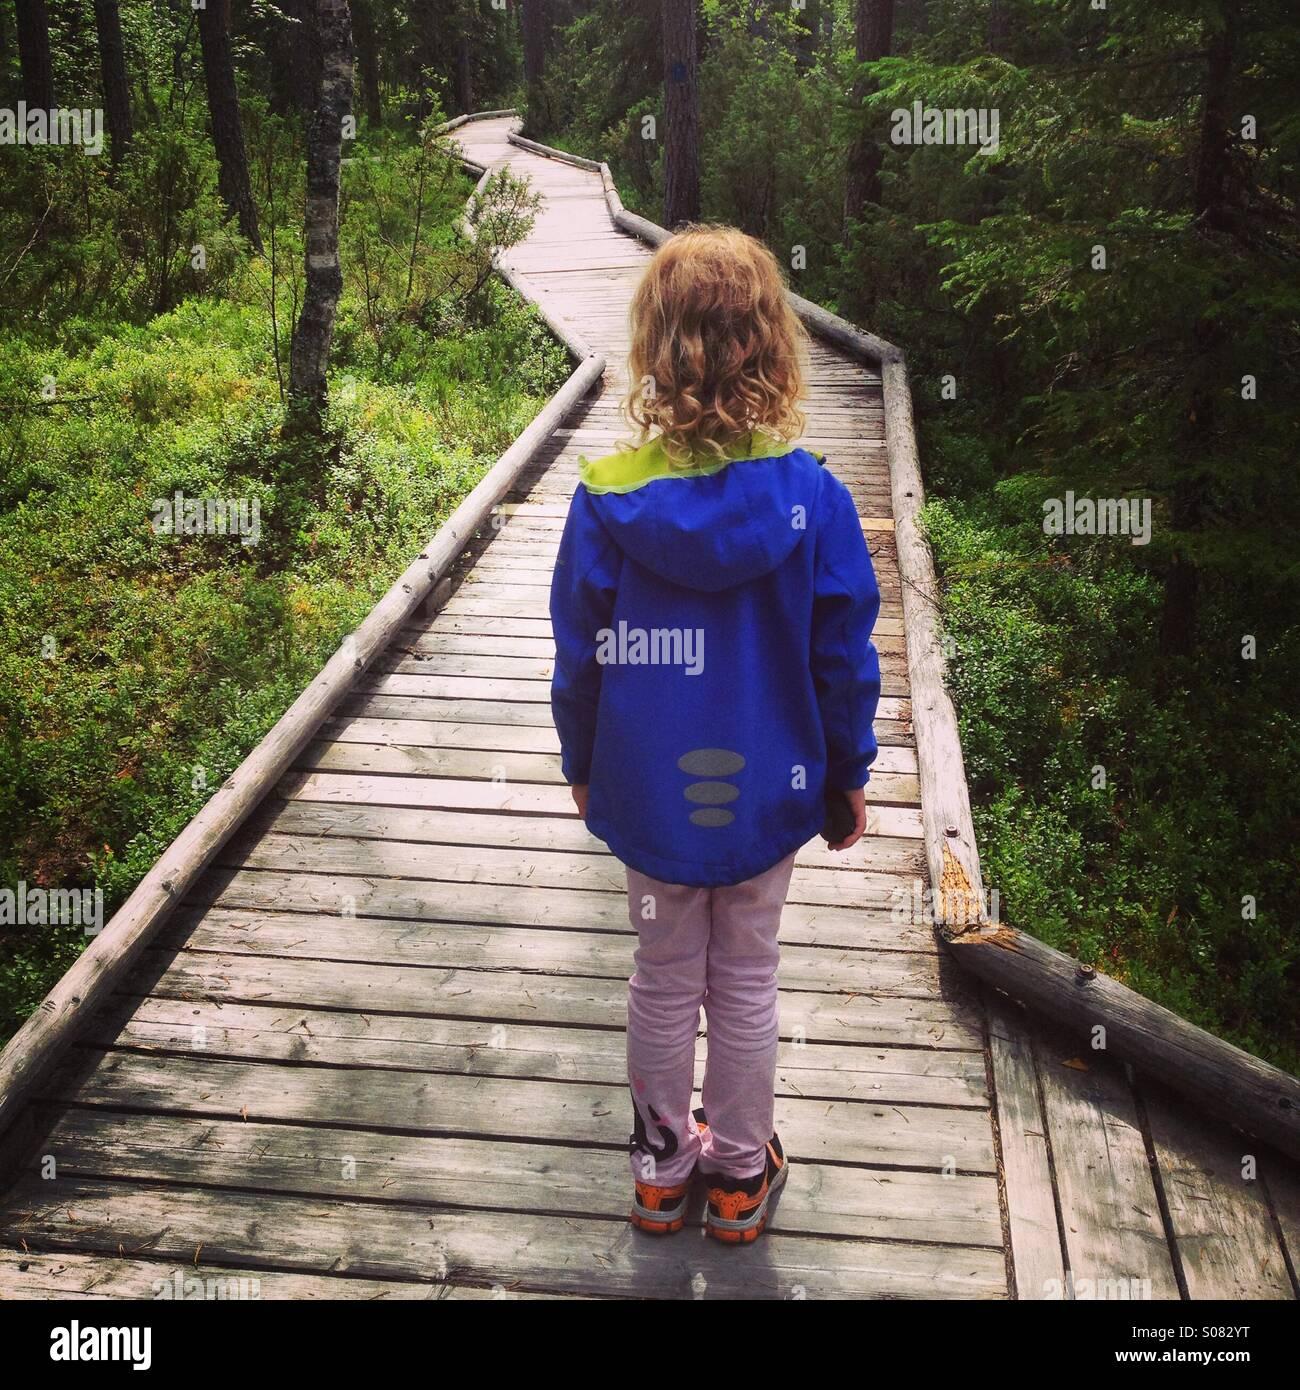 Ein junges Mädchen auf der Suche auf einen Weg durch einen dichten Wald in Nordfinnland in einem riesigen Nationalpark. Stockbild